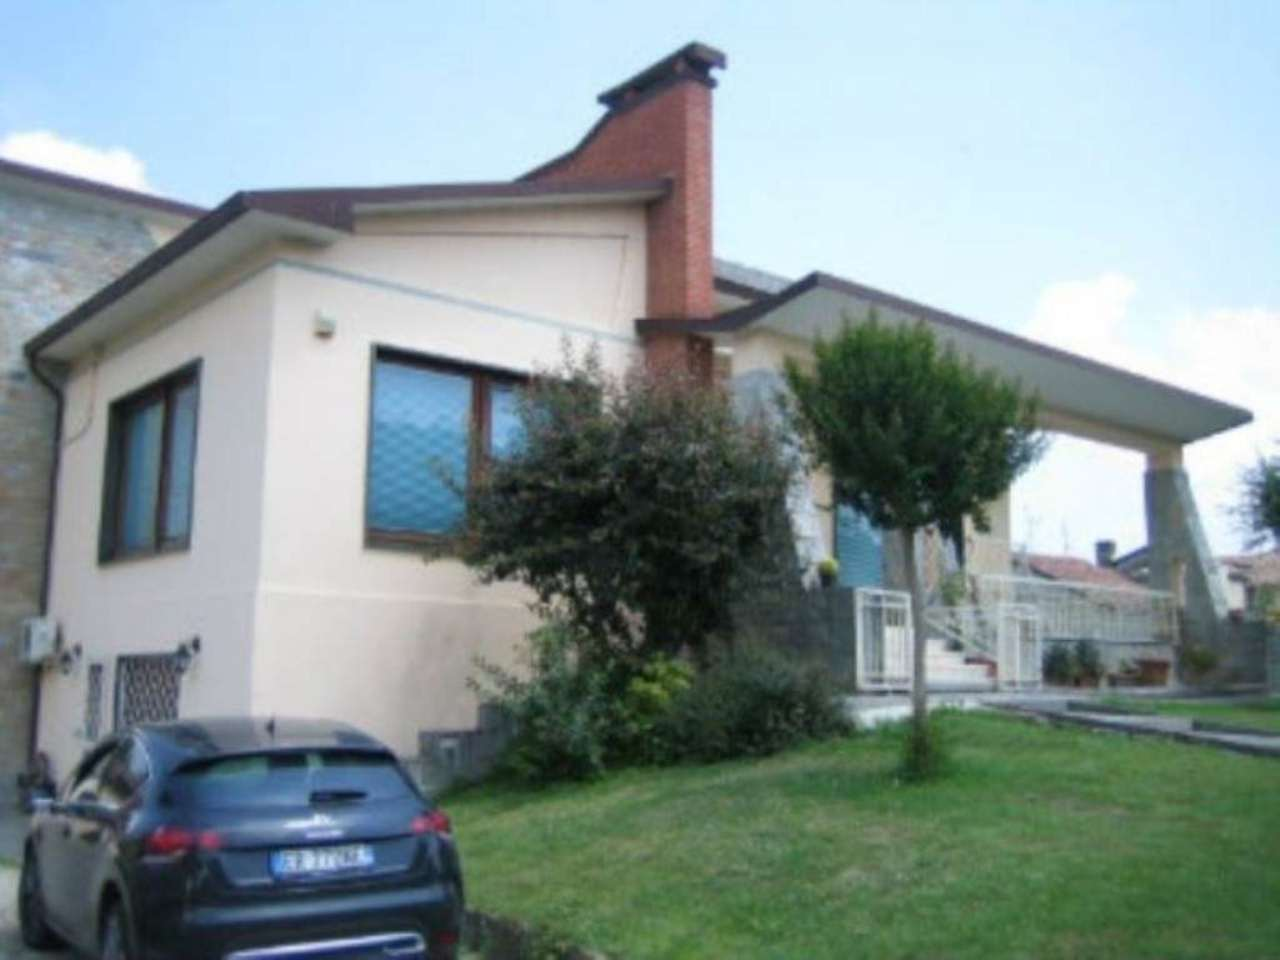 Villa in vendita a Mede, 6 locali, prezzo € 260.000 | CambioCasa.it